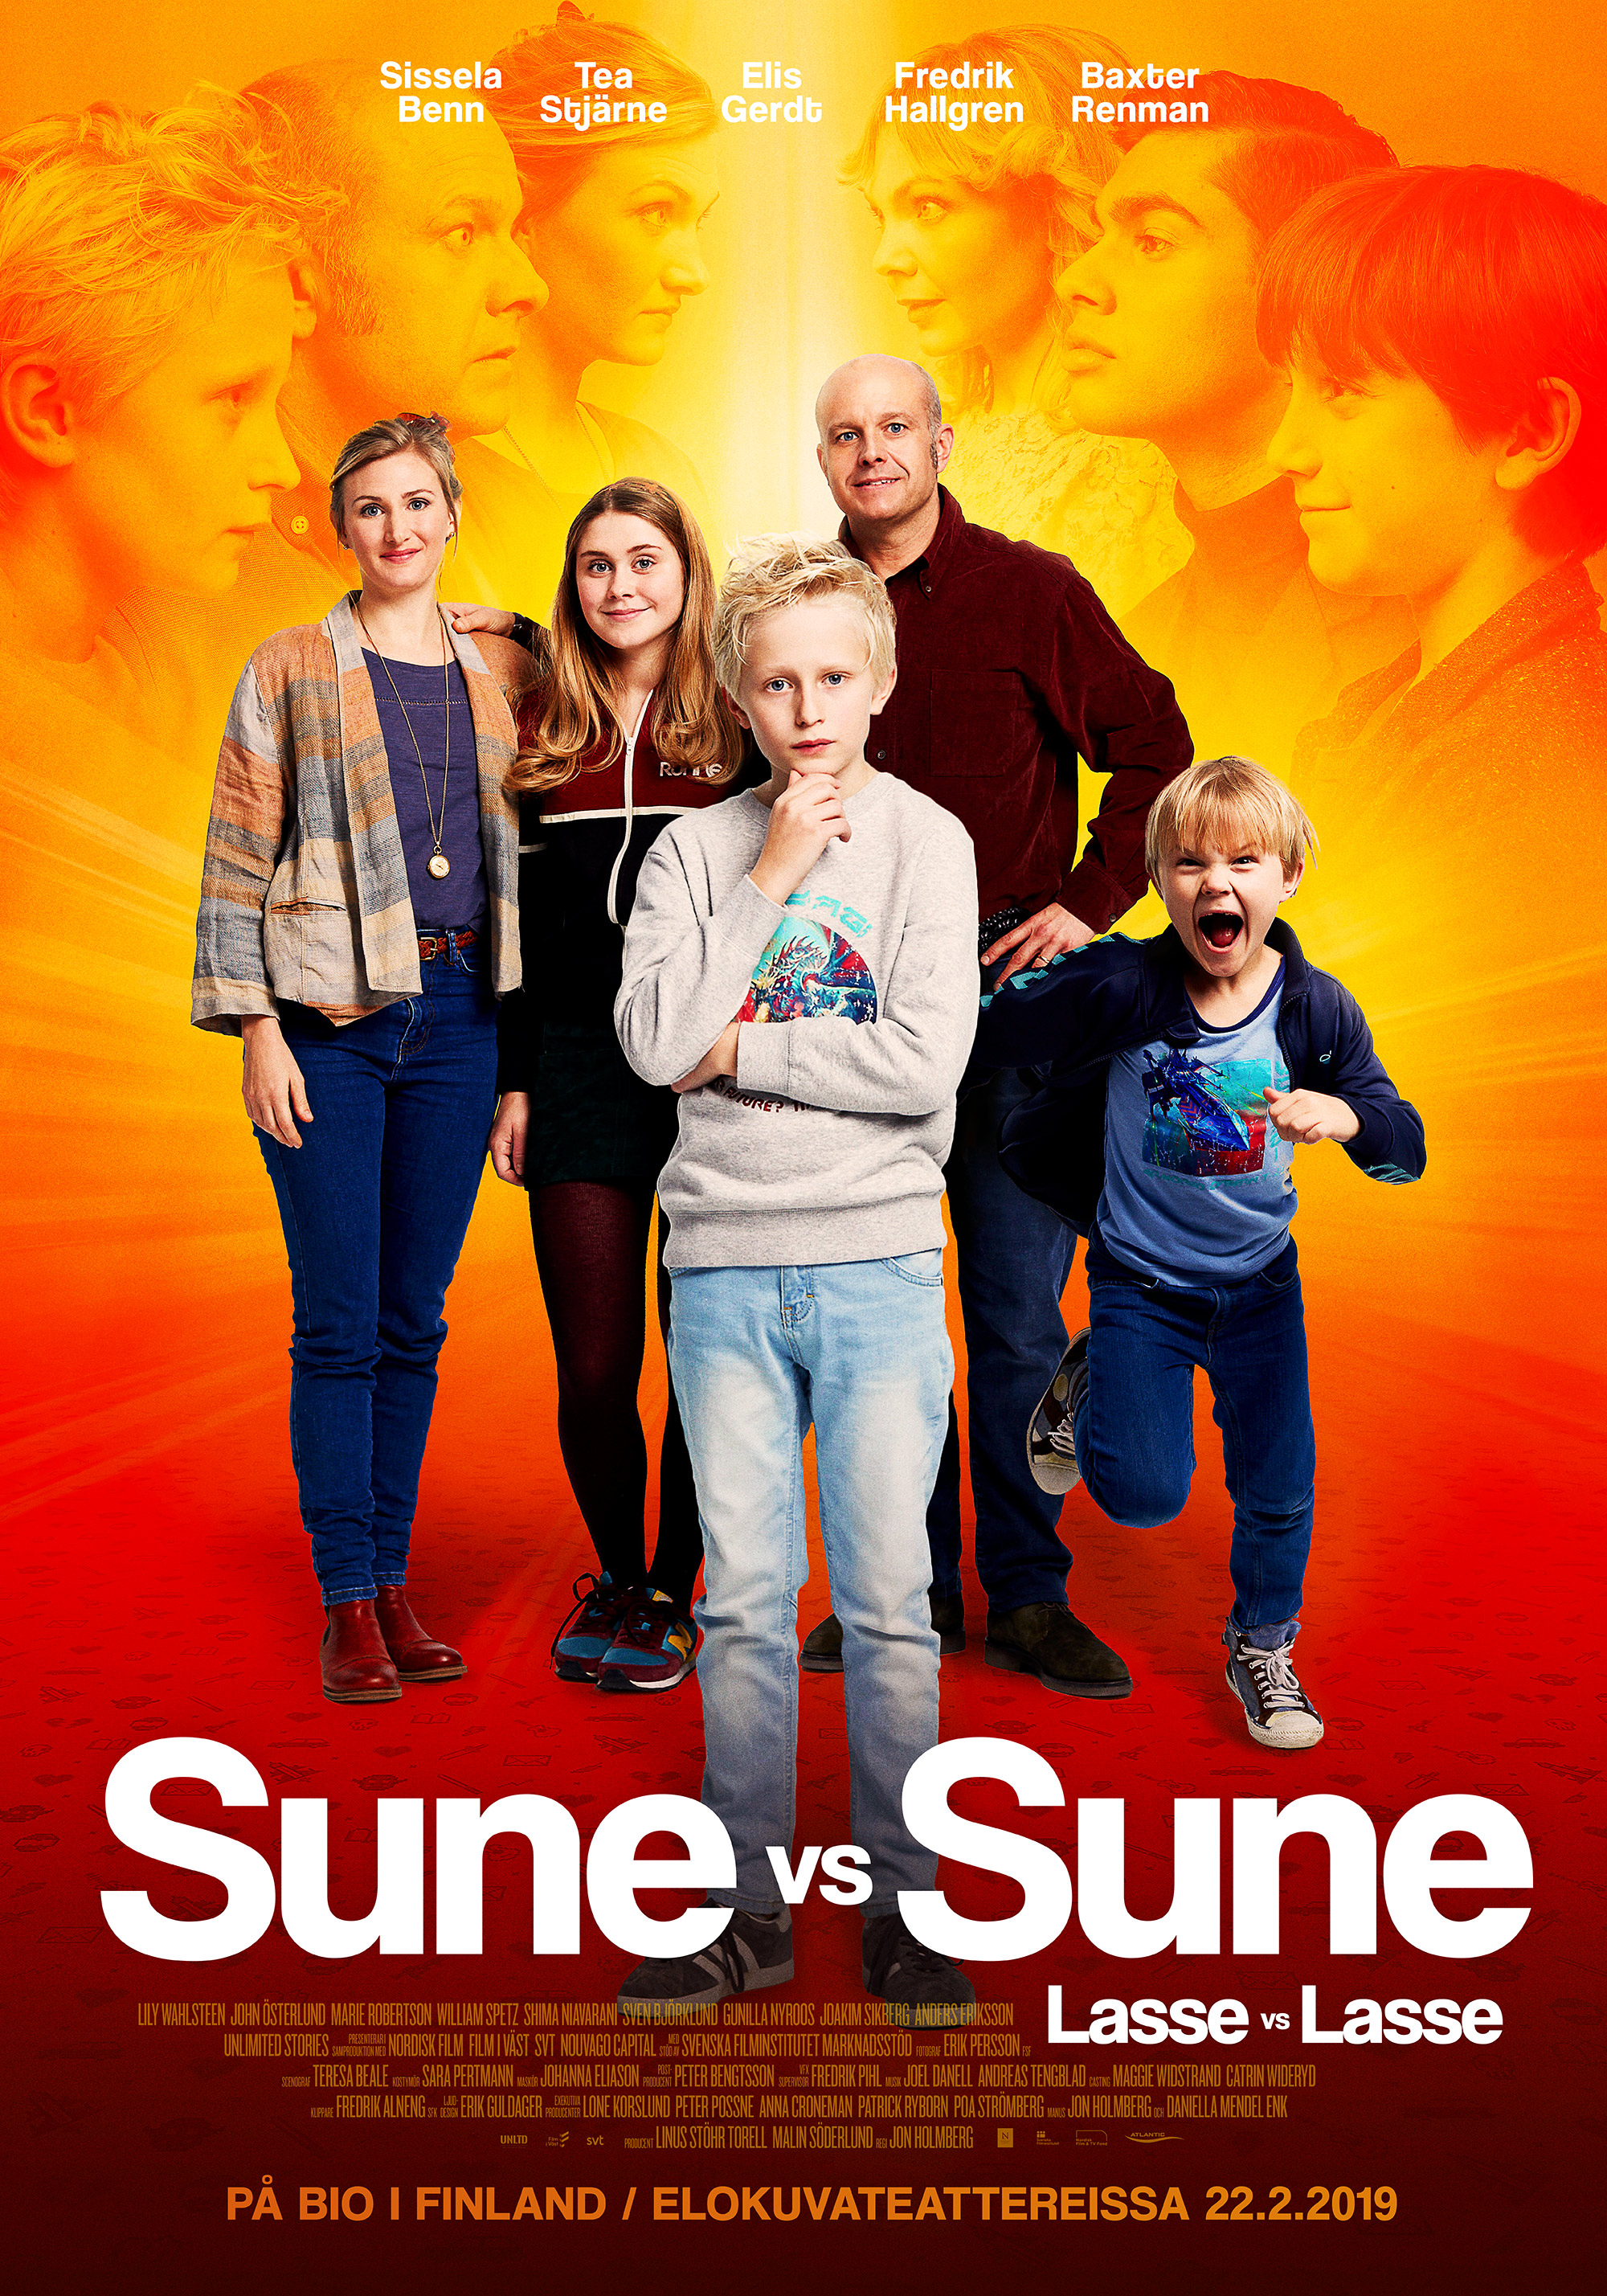 sune_fi_web_large